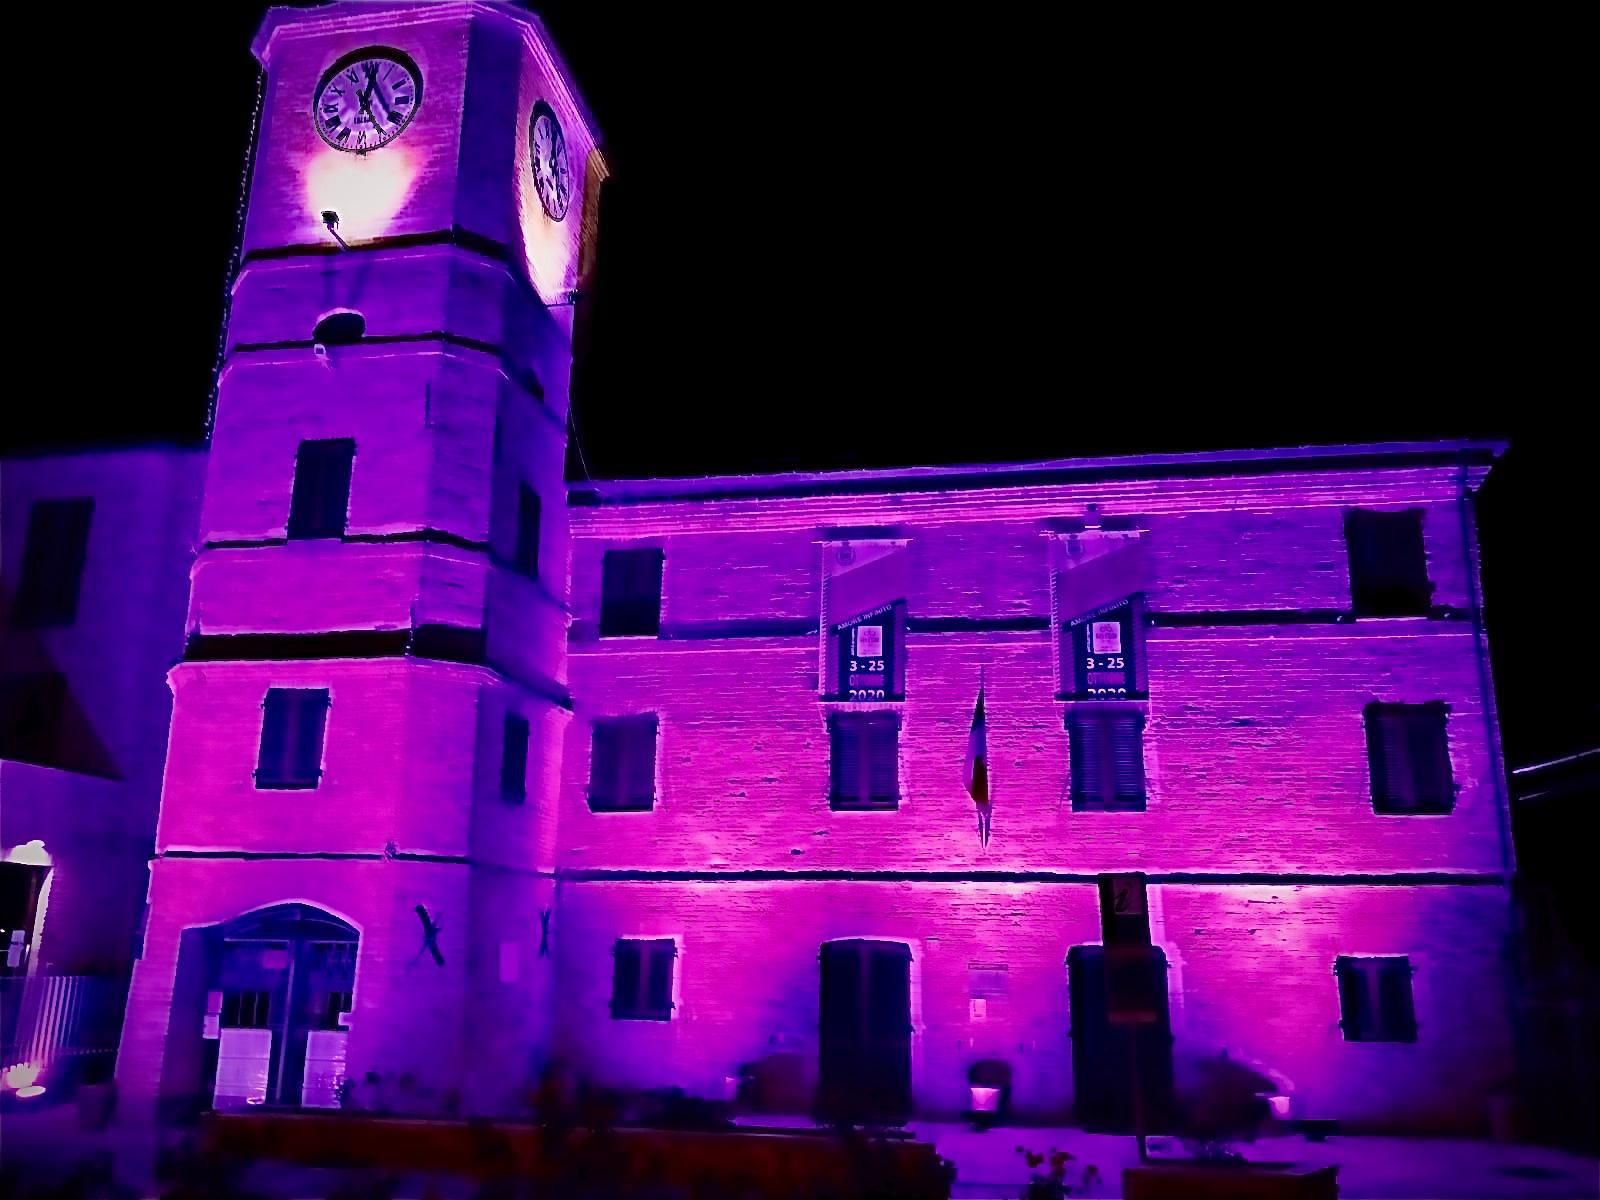 Torre dell'orologio di Porto Sant'Elpidio, Marche, illuminata di rosa per il Giro d'Italia 2020